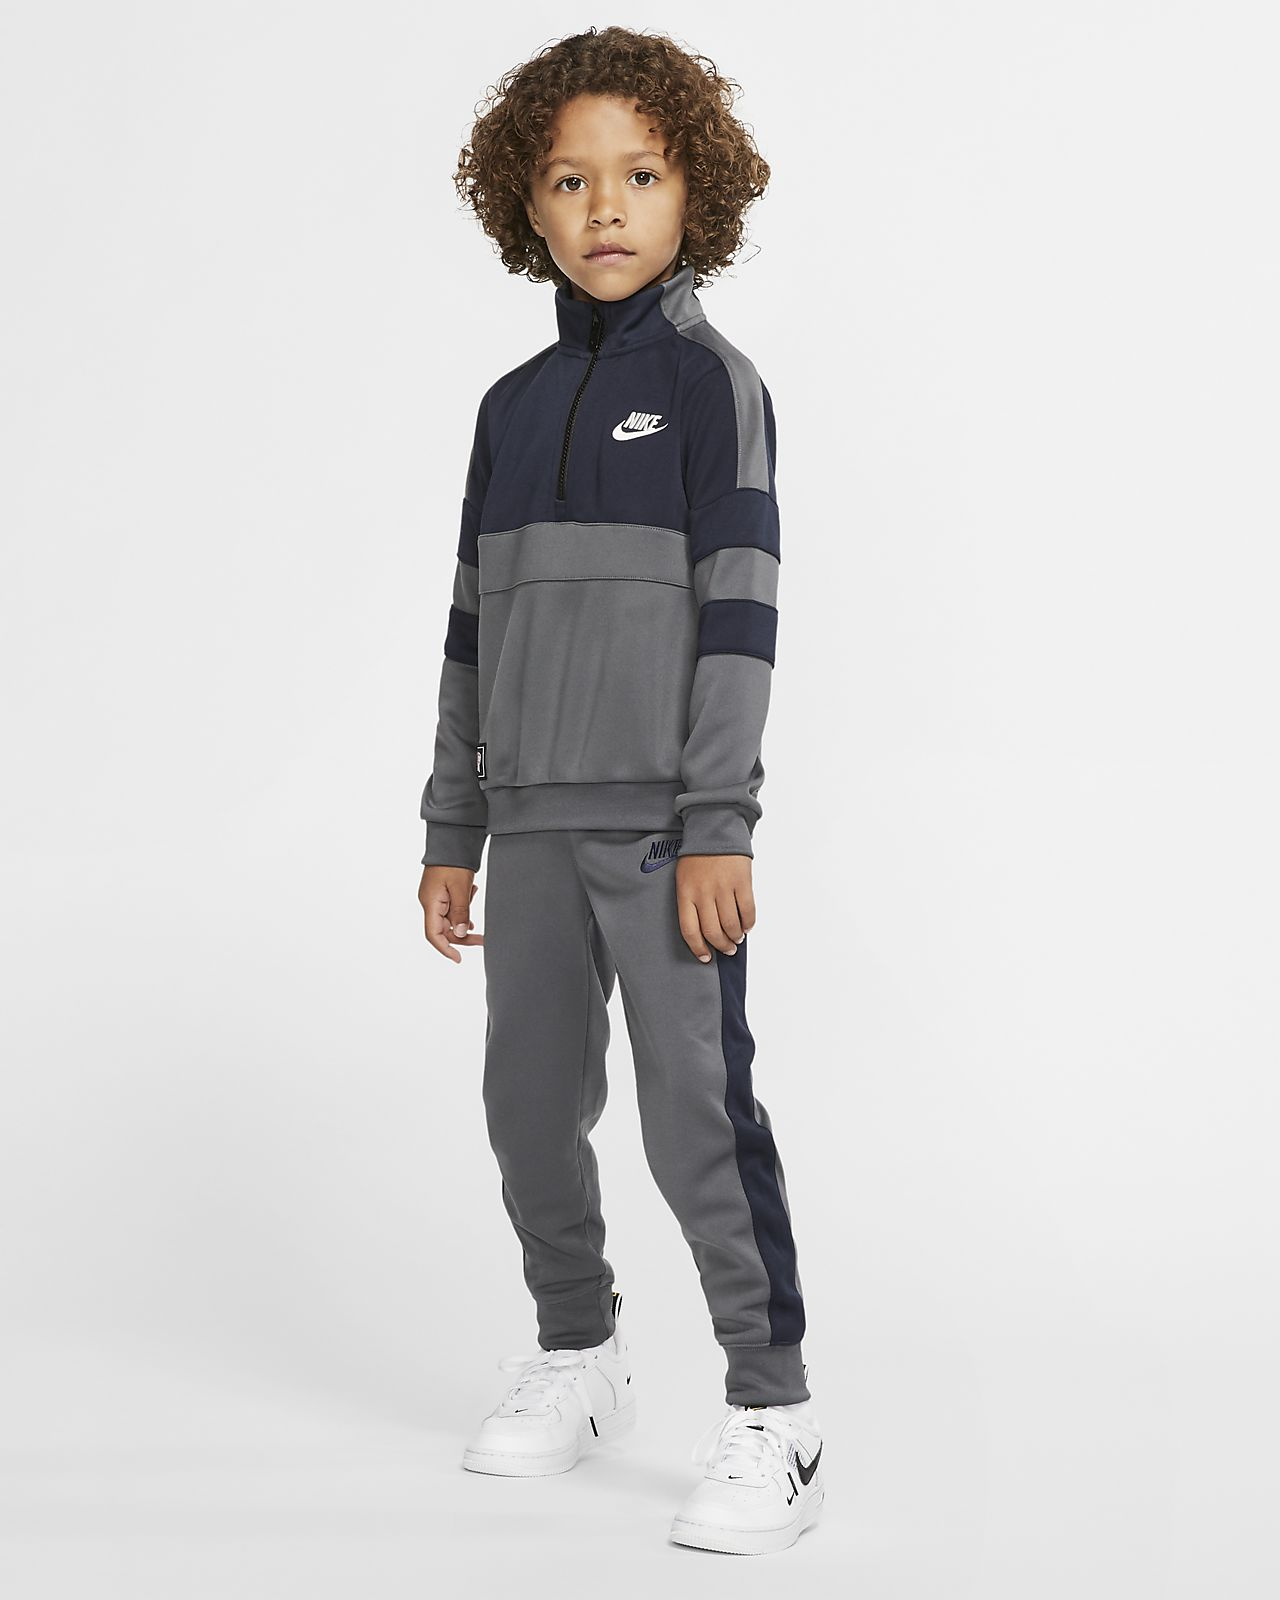 Nike Air 2-teiliges Set für jüngere Kinder